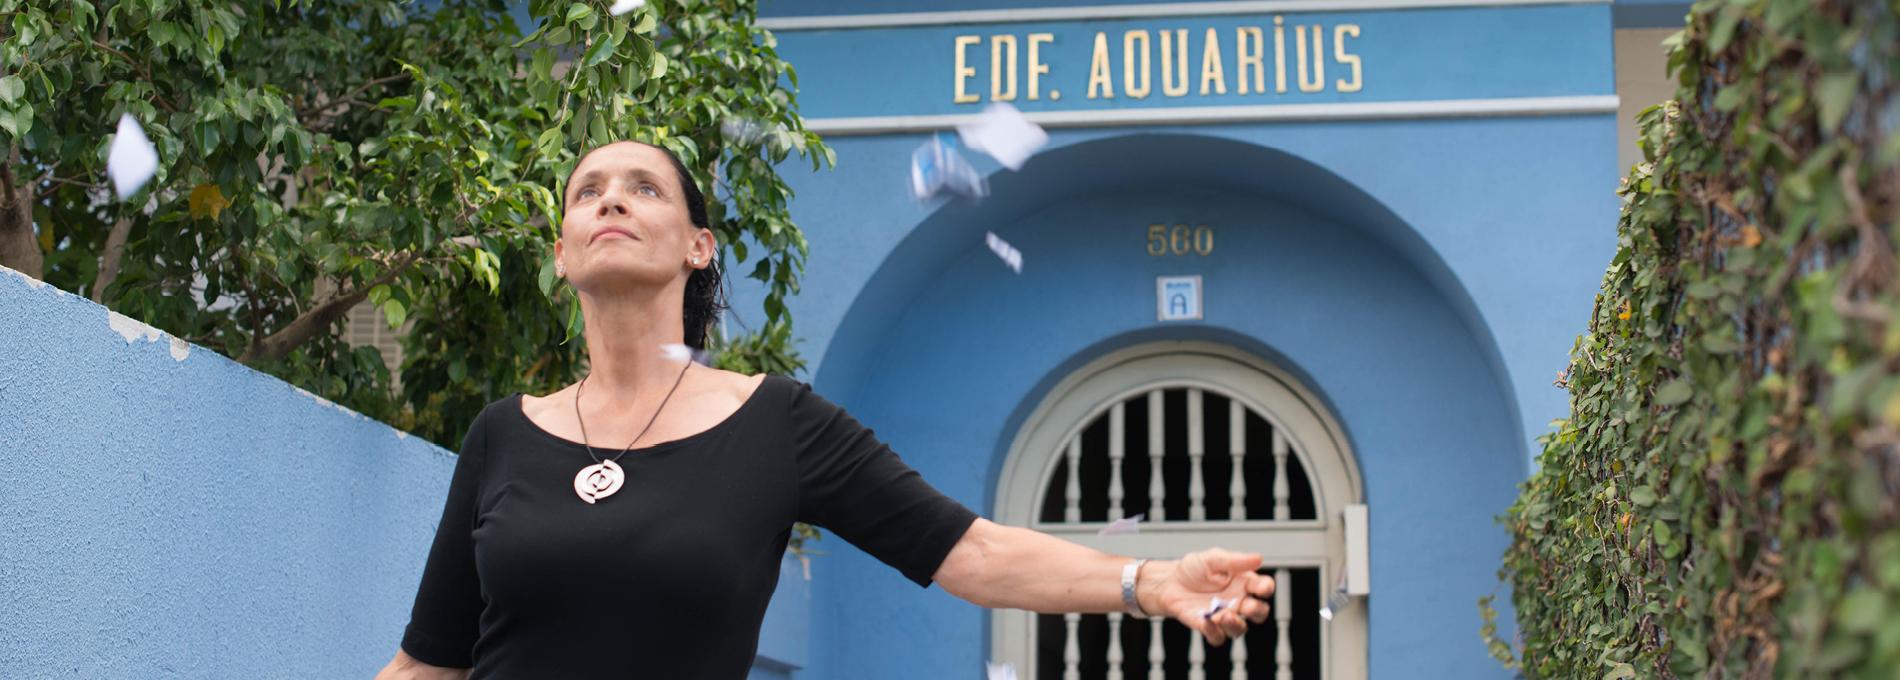 Sônia Braga: Aquarius é um dos filmes mais bonitos que já fiz